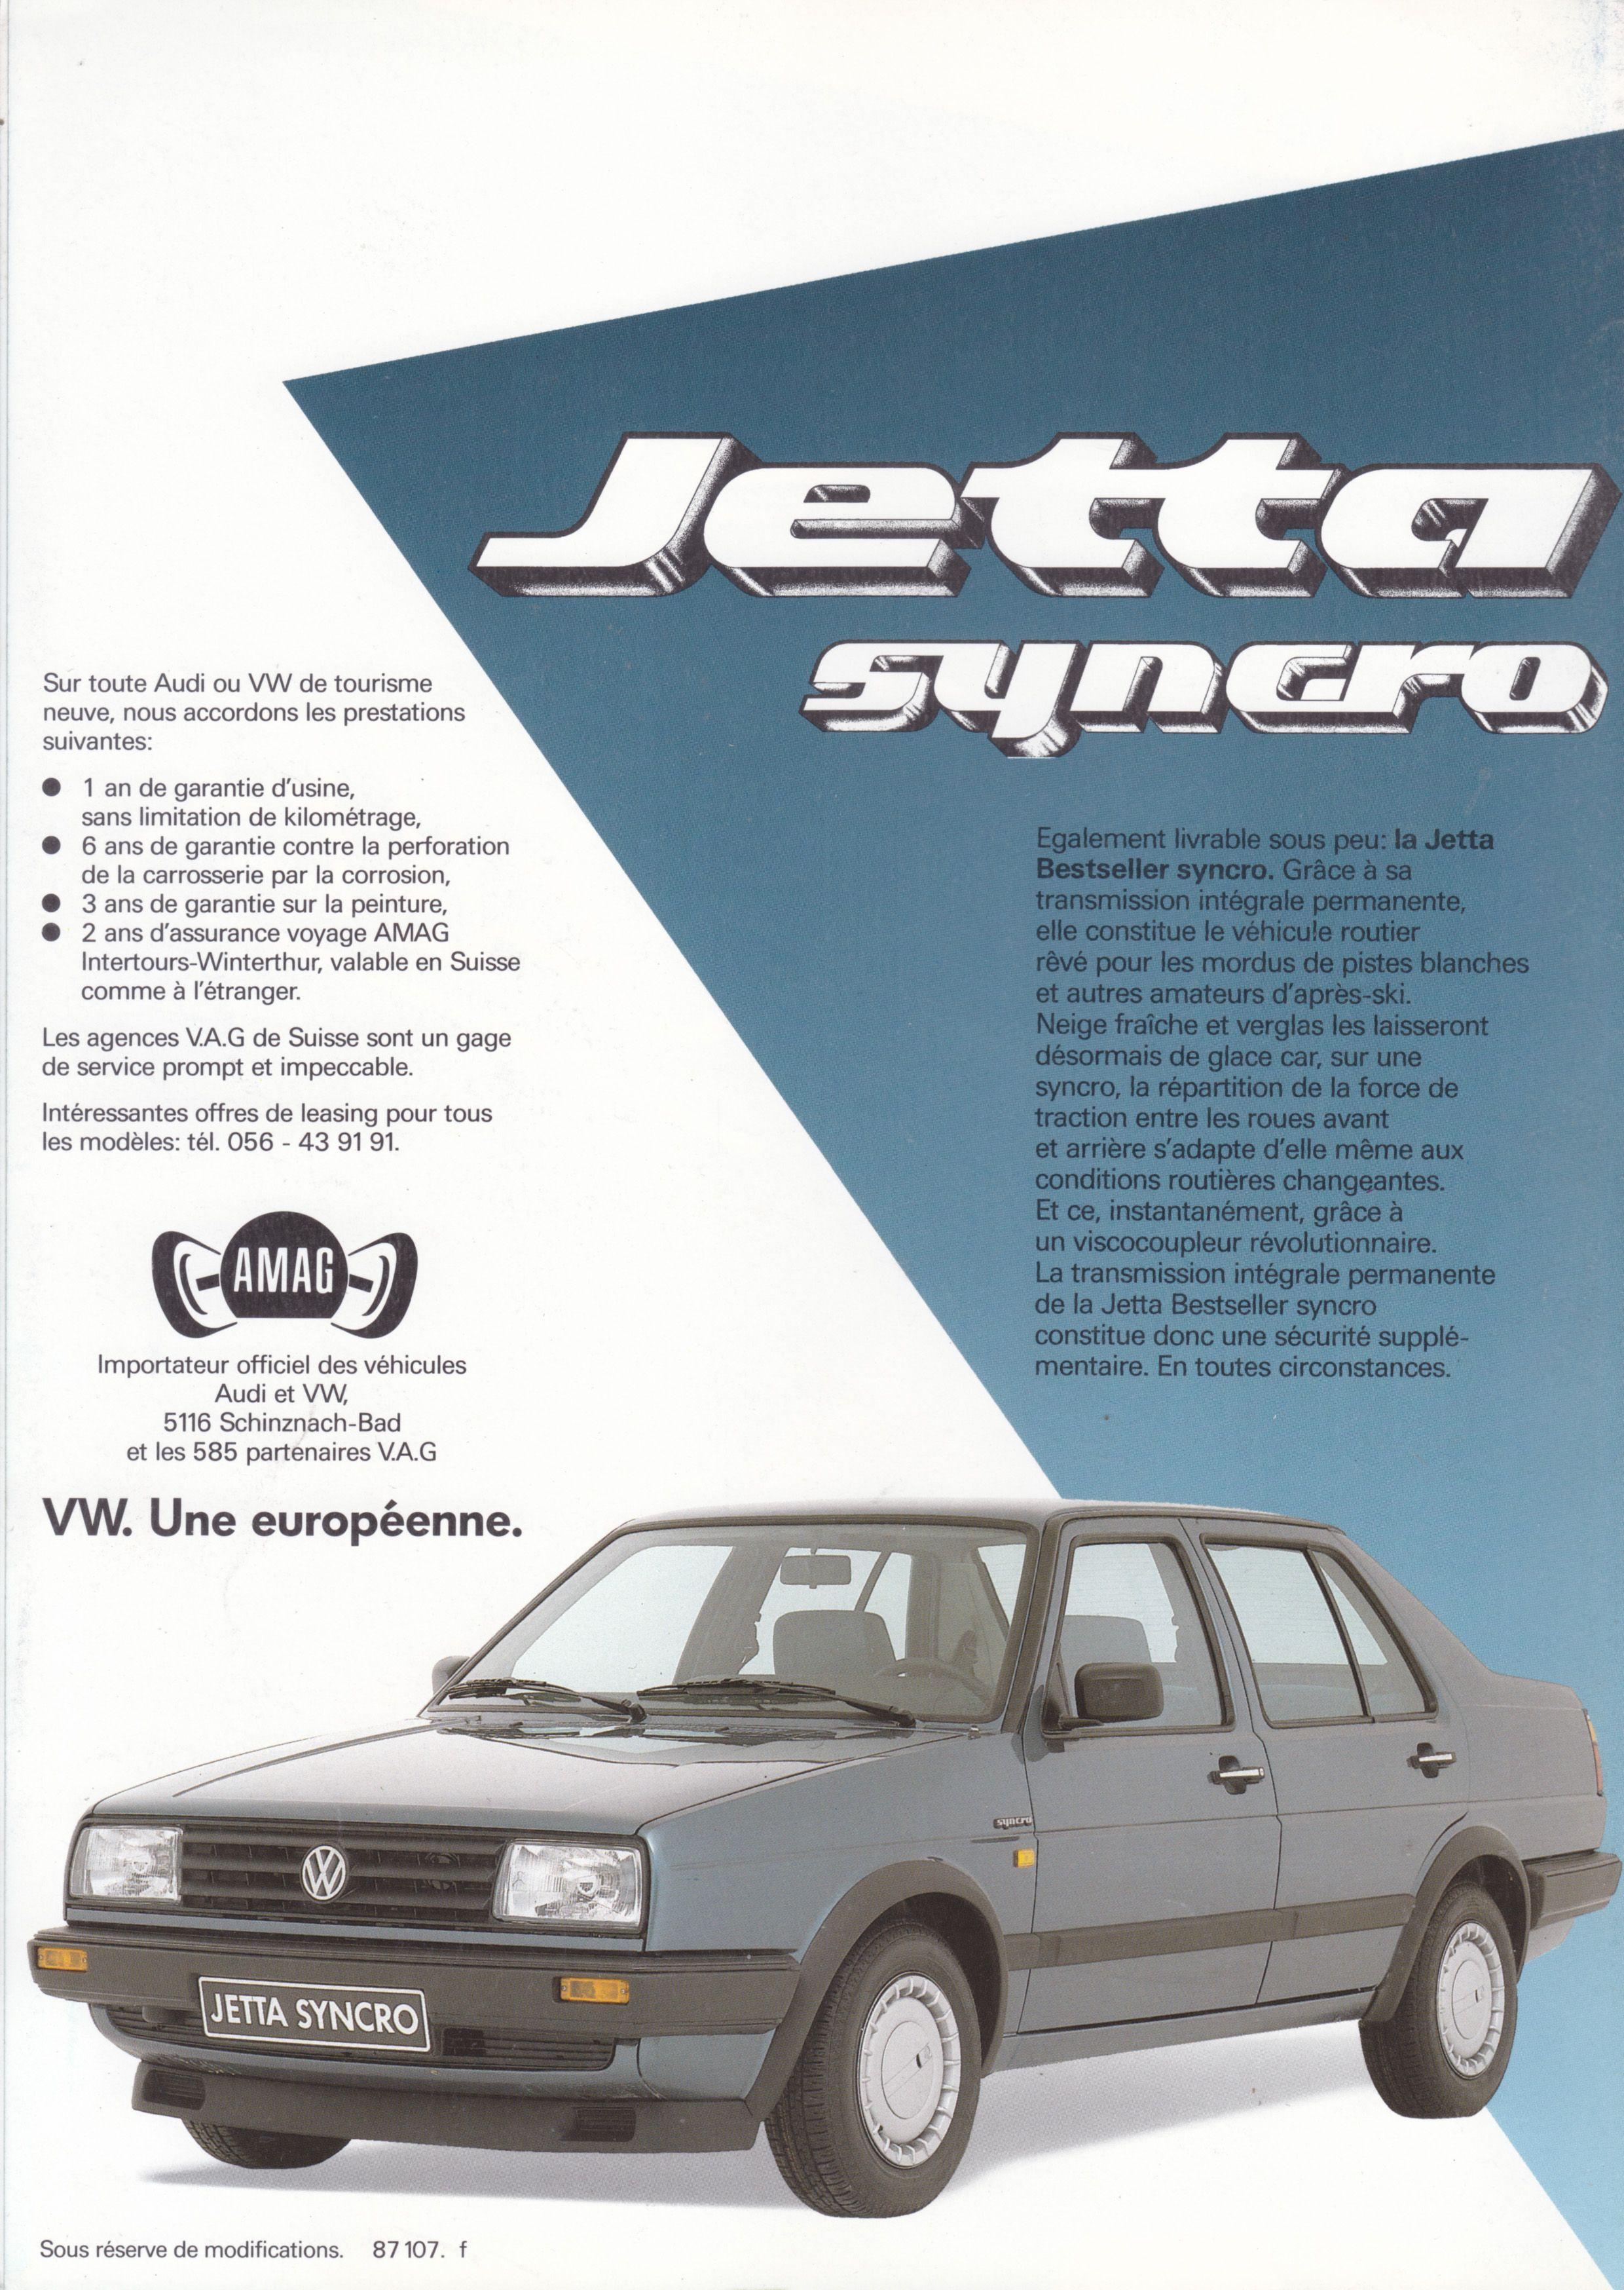 Volkswagen Jetta Bestseller Synchro 4 Page Folder Swiss 87 107 F Rear Volkswagen Jetta Volkswagen Car Vw Jetta